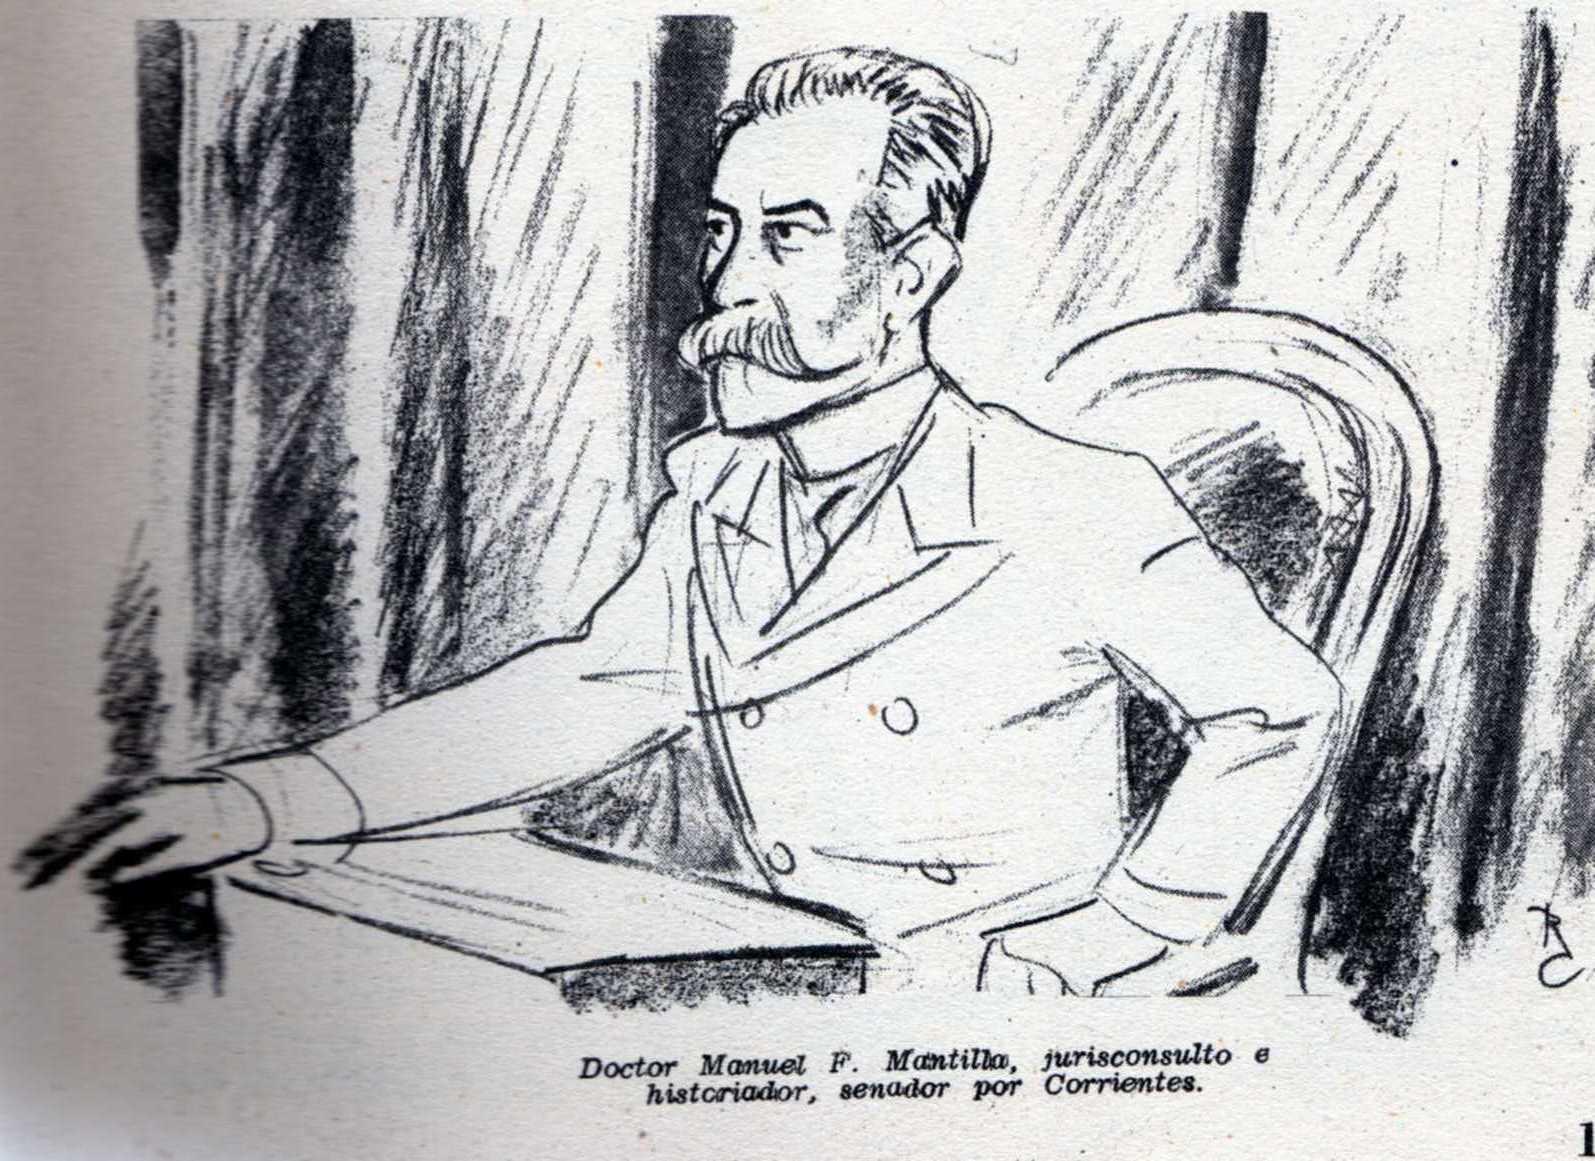 Archivo:Manuel Florencio Mantilla caricatura Caras y Caretas.jpg ...